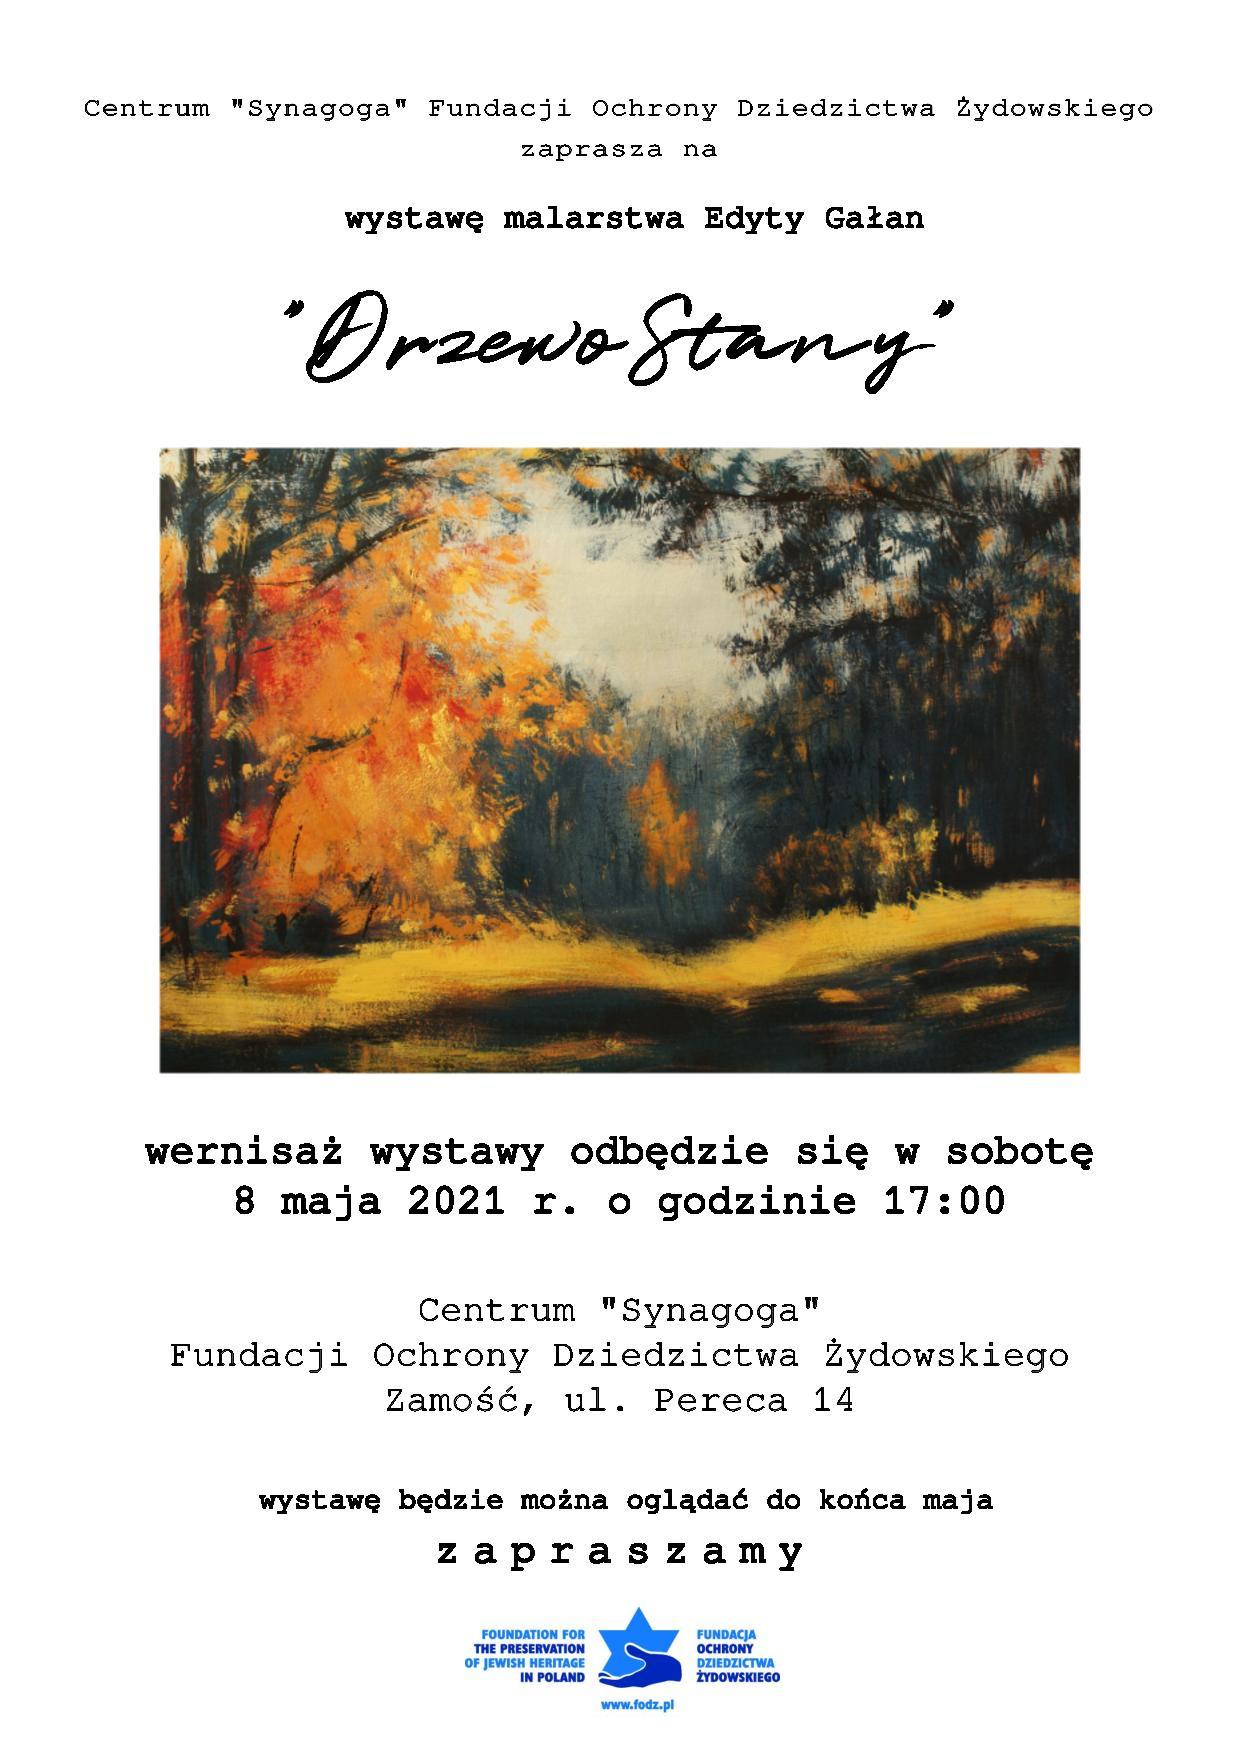 plakat drzewostany DrzewoStany - wystawa malarstwa Edyty Gałan